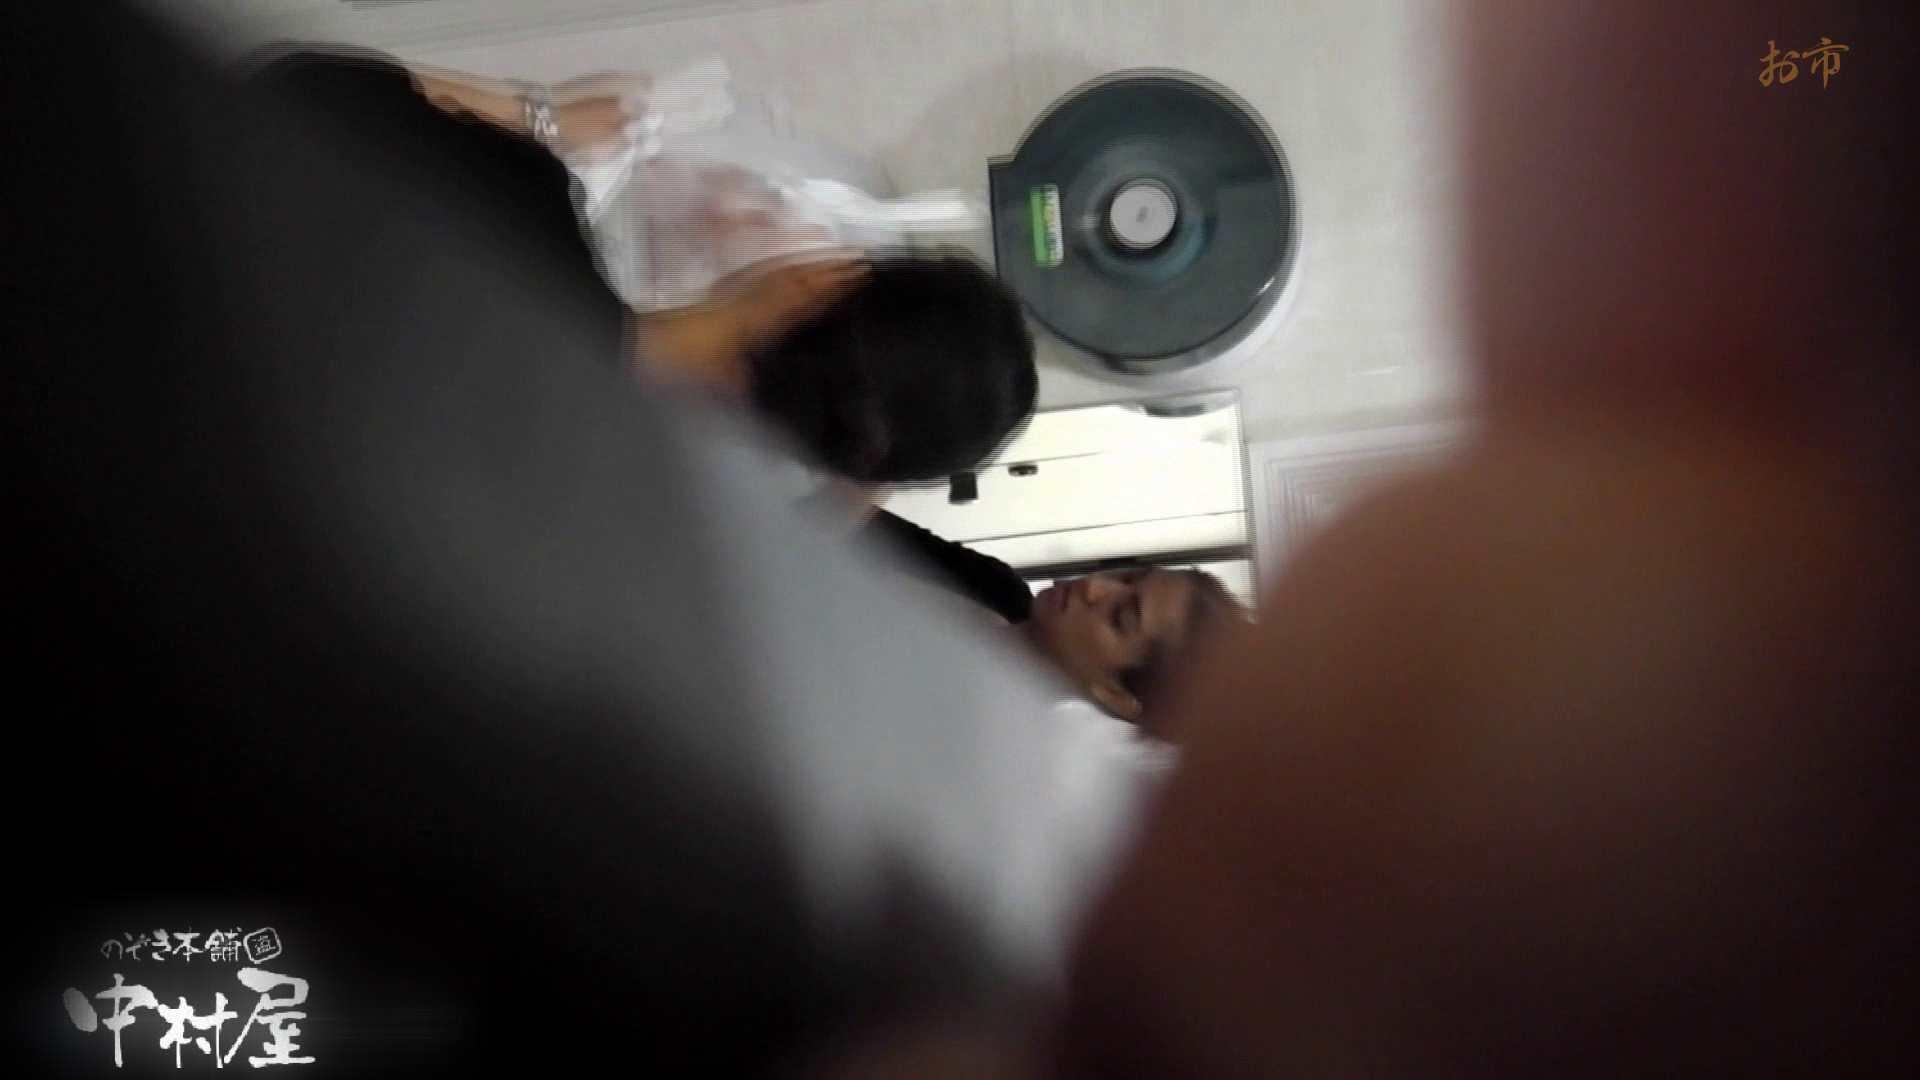 お市さんの「お尻丸出しジャンボリー」No.17 黒人 ぱこり動画紹介 106PICs 103